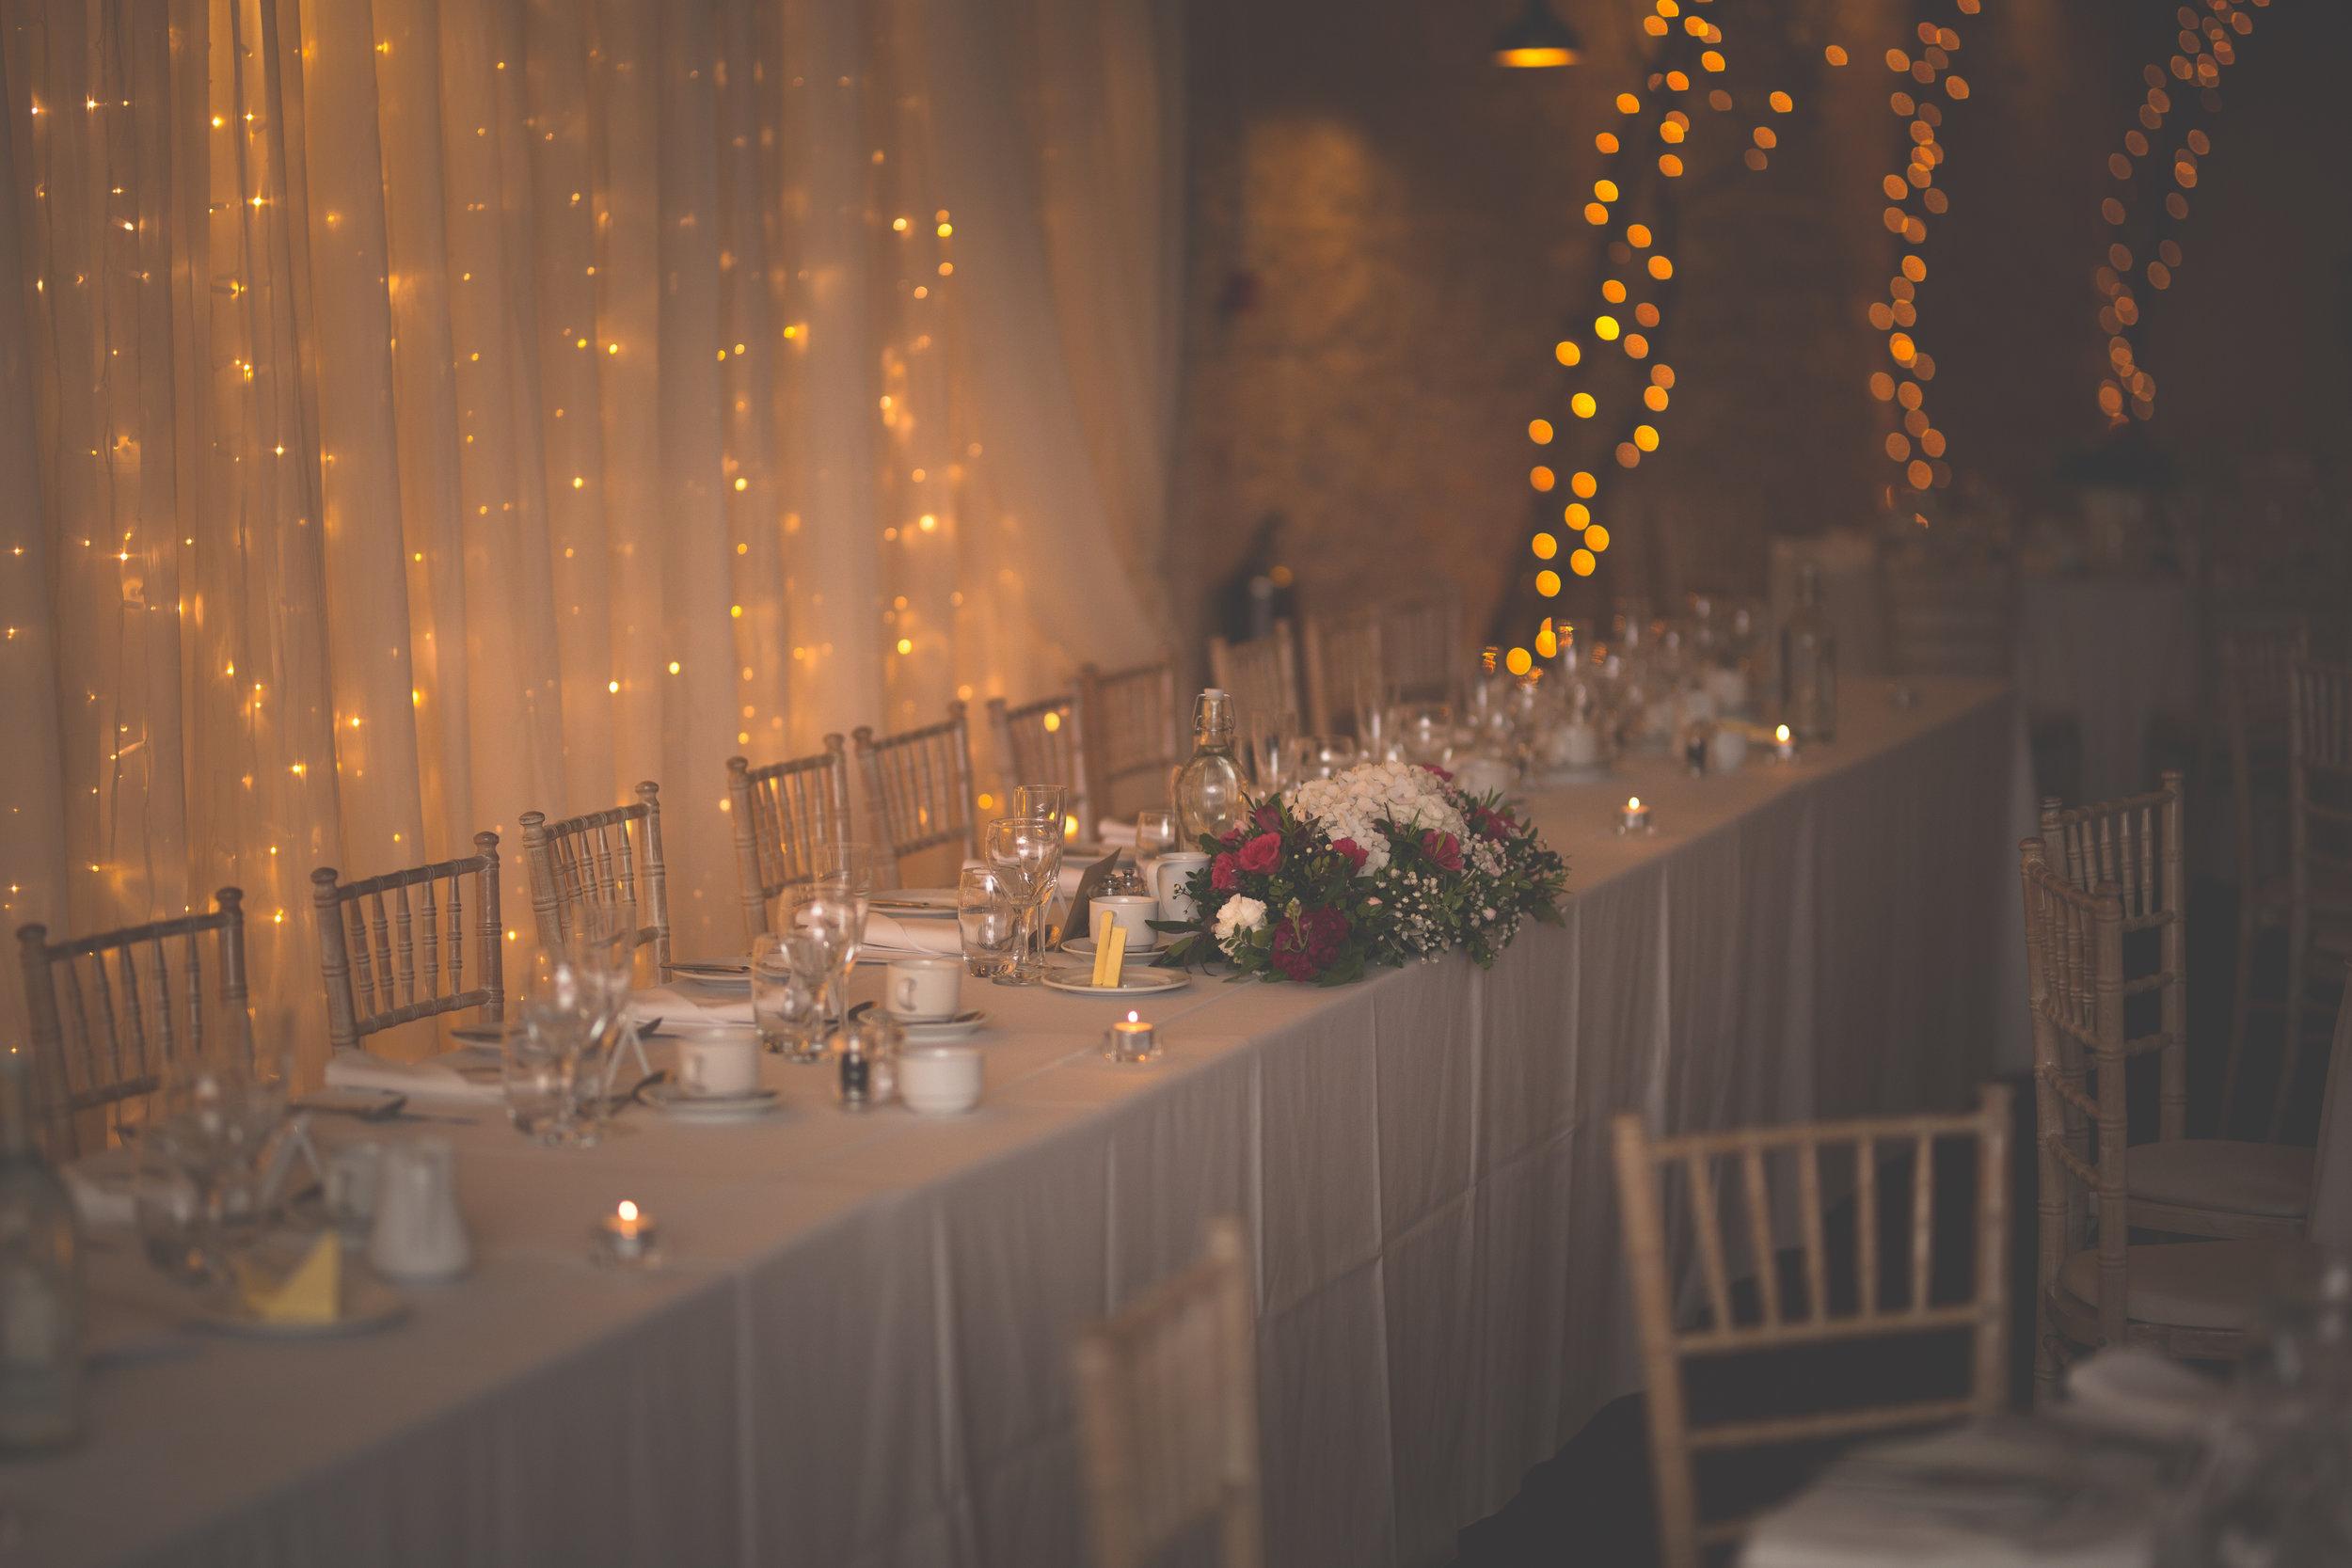 Brian McEwan Wedding Photography | Carol-Anne & Sean | The Speeches-10.jpg